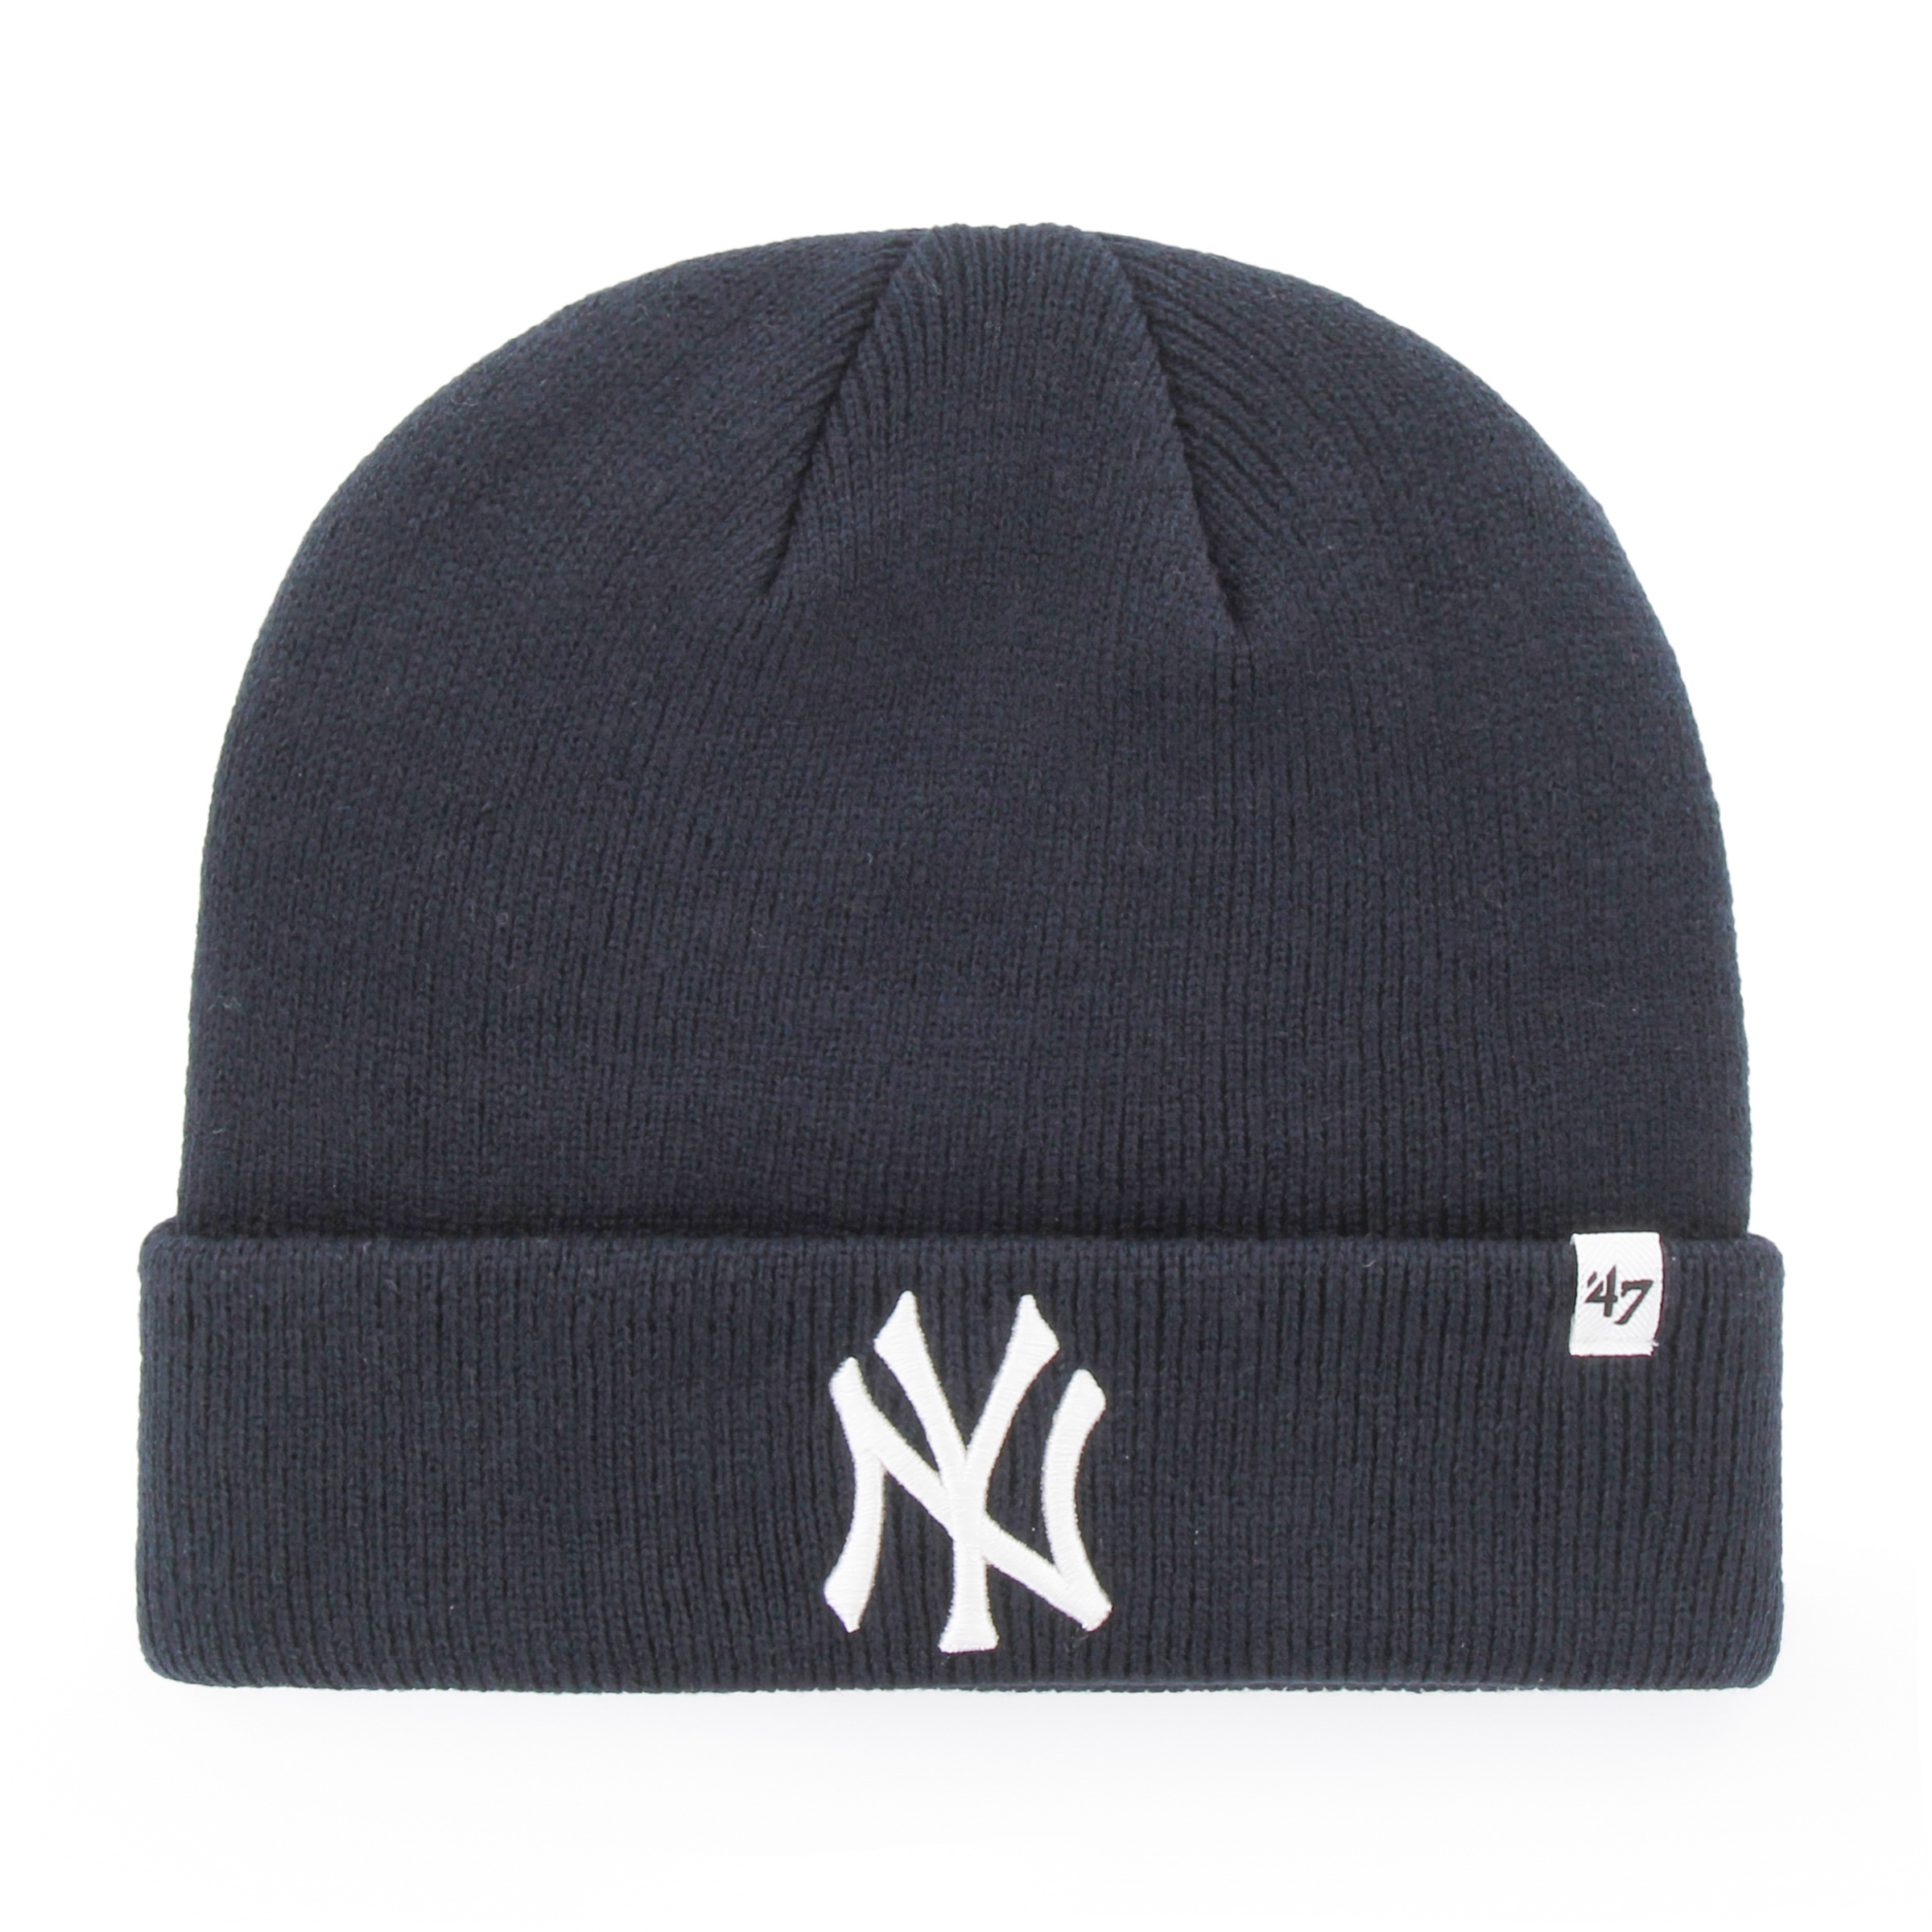 New York Yankees MLB Raised Cuffed Knit Beanie 735386a6d50